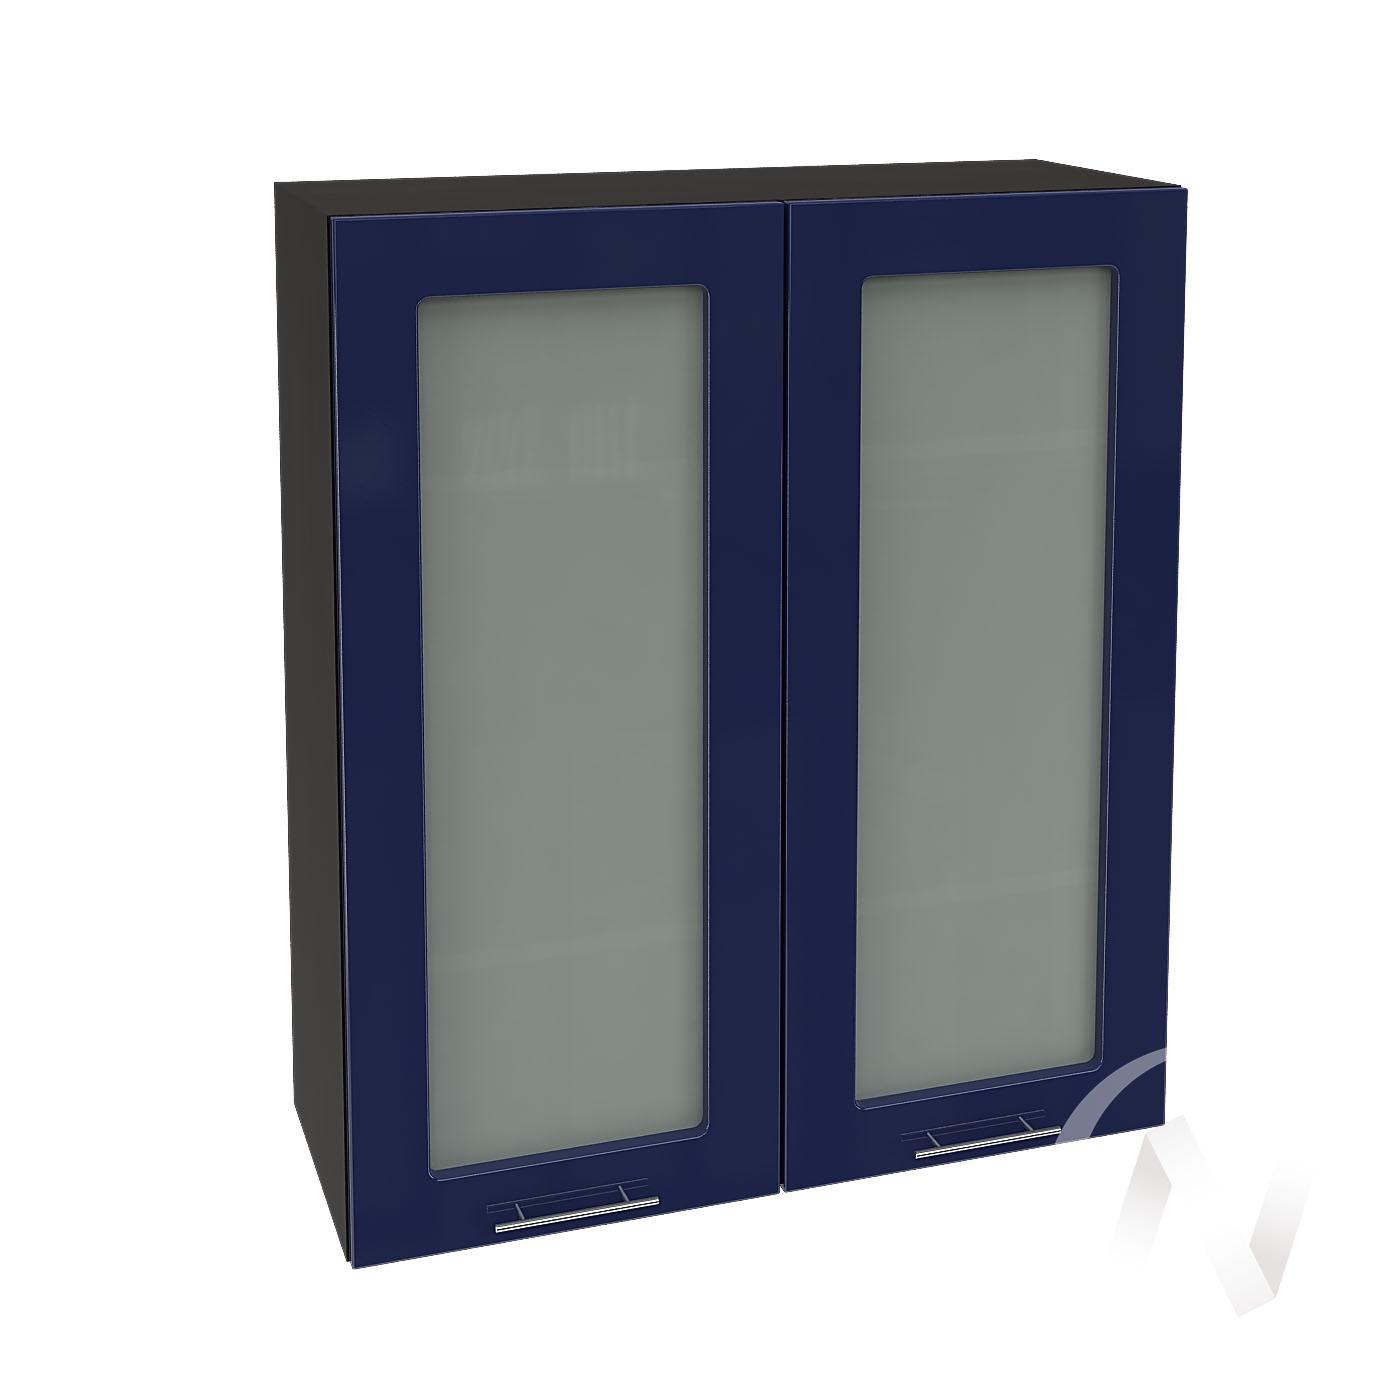 """Кухня """"Валерия-М"""": Шкаф верхний со стеклом 809, ШВС 809 новый (Синий глянец/корпус венге)"""